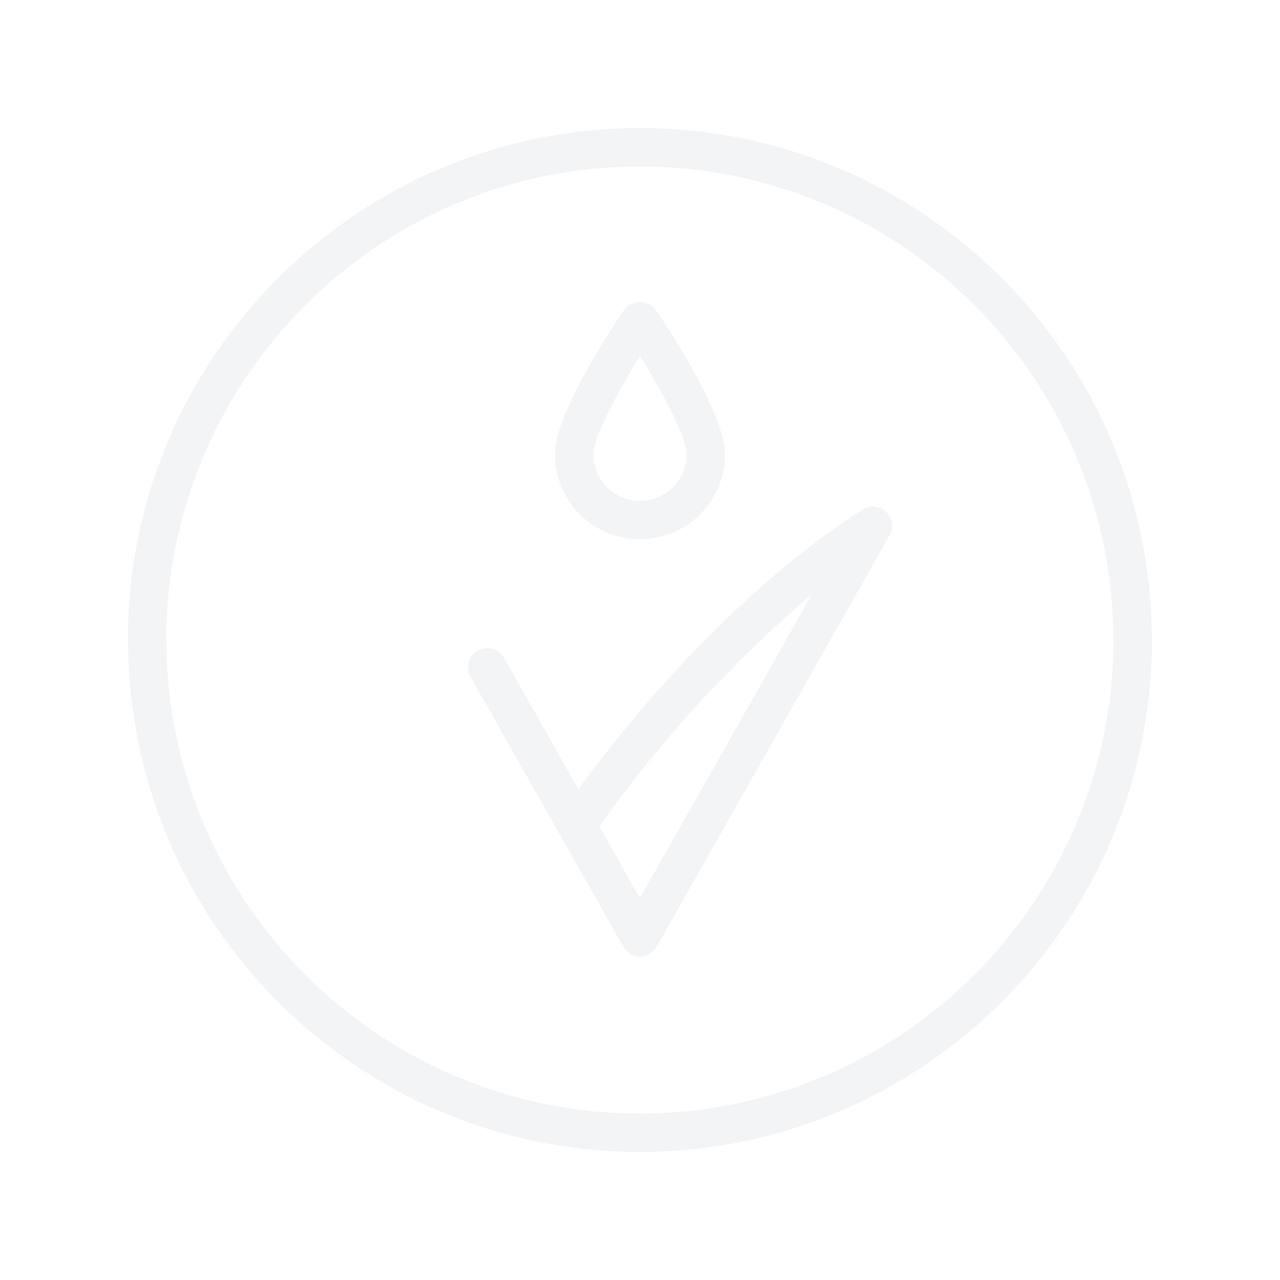 MISSHA Phytochemical Catechin Sheet Mask 25ml